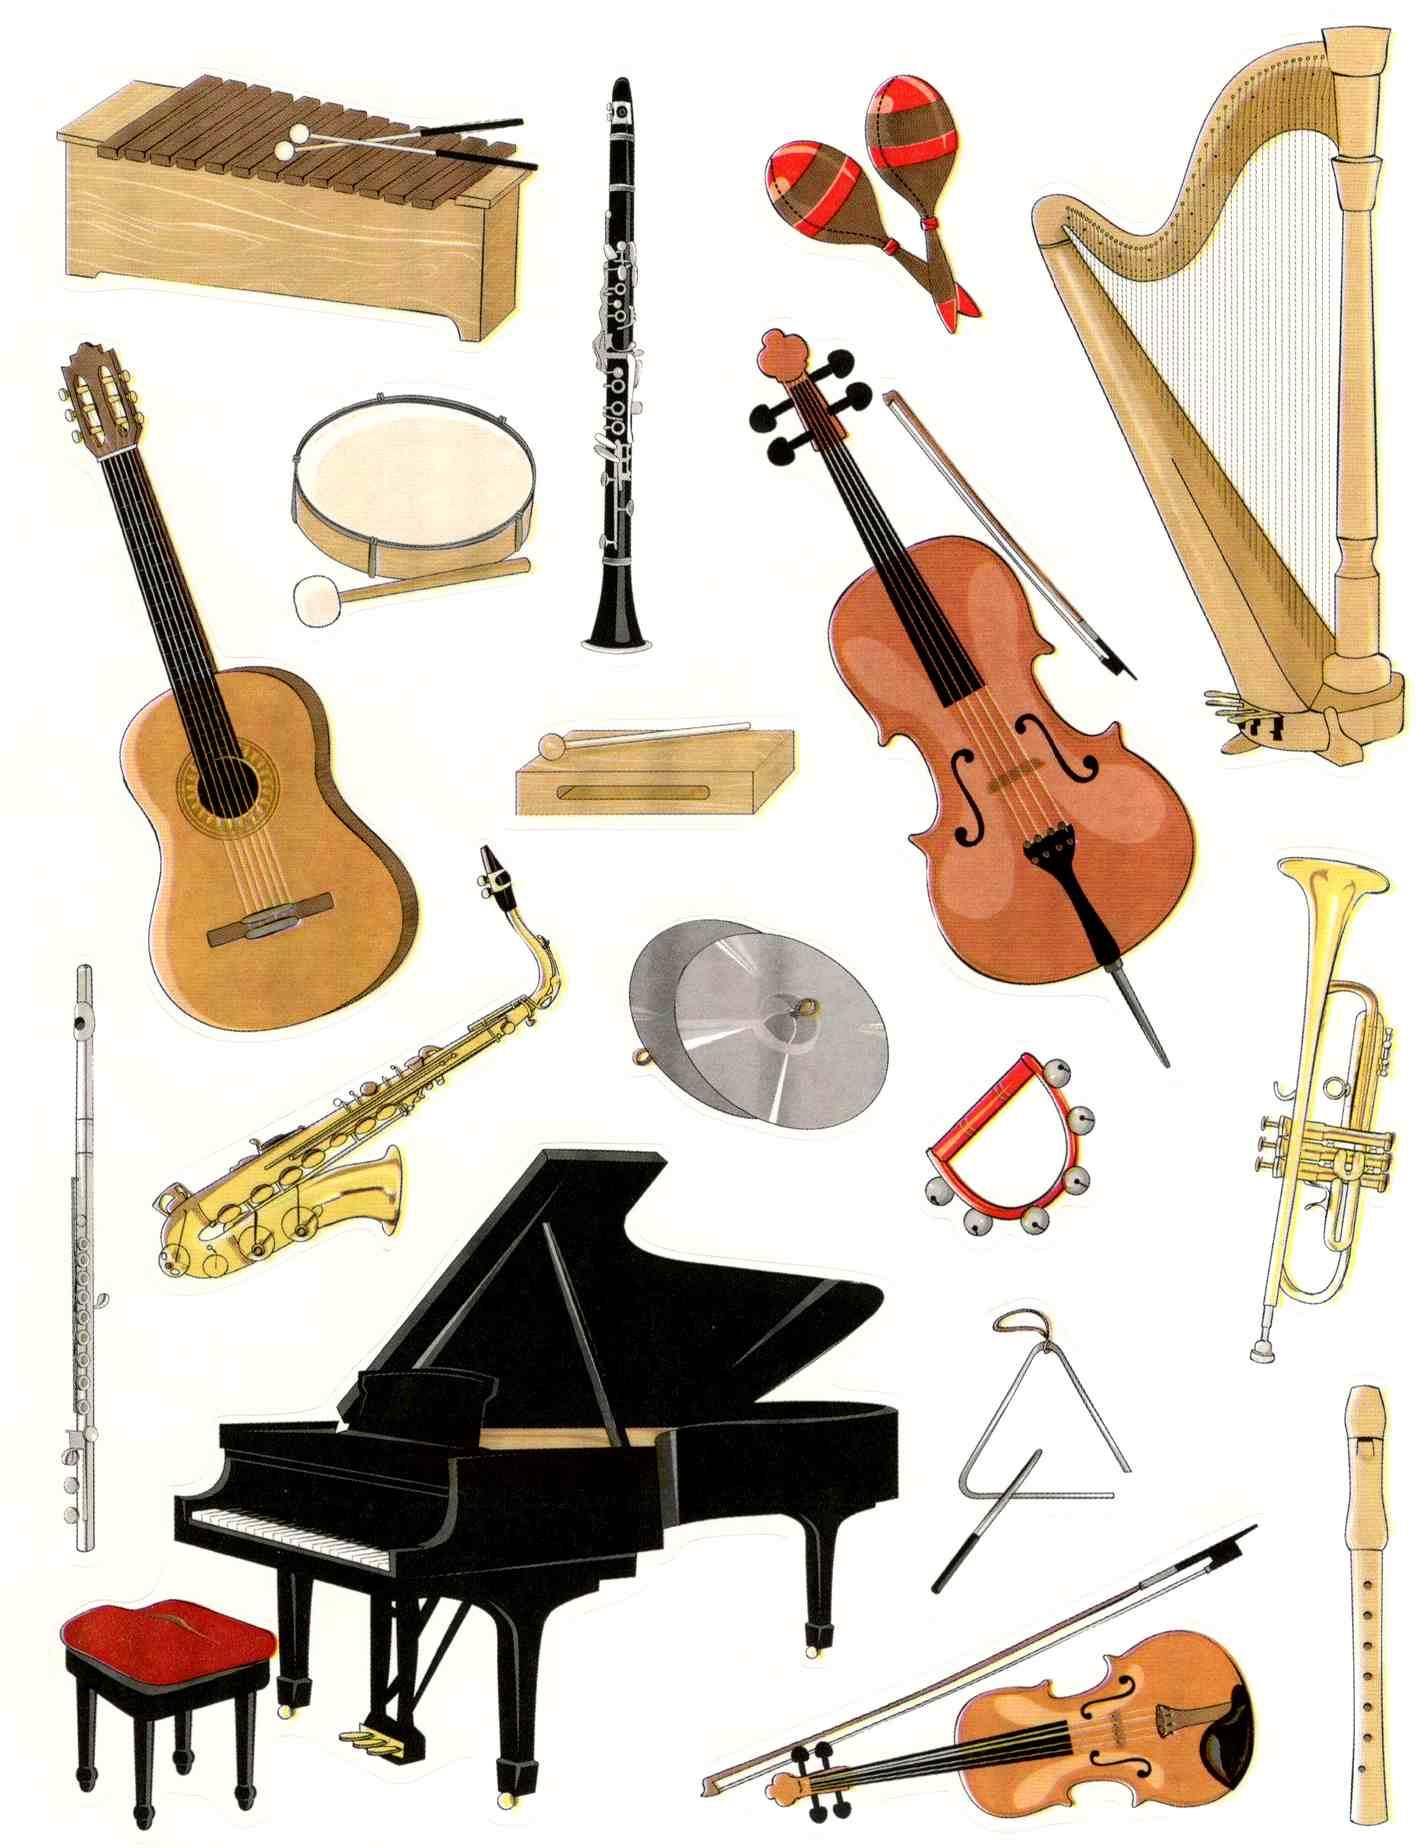 Gommettes Instruments De Musique à Image Instrument De Musique À Imprimer